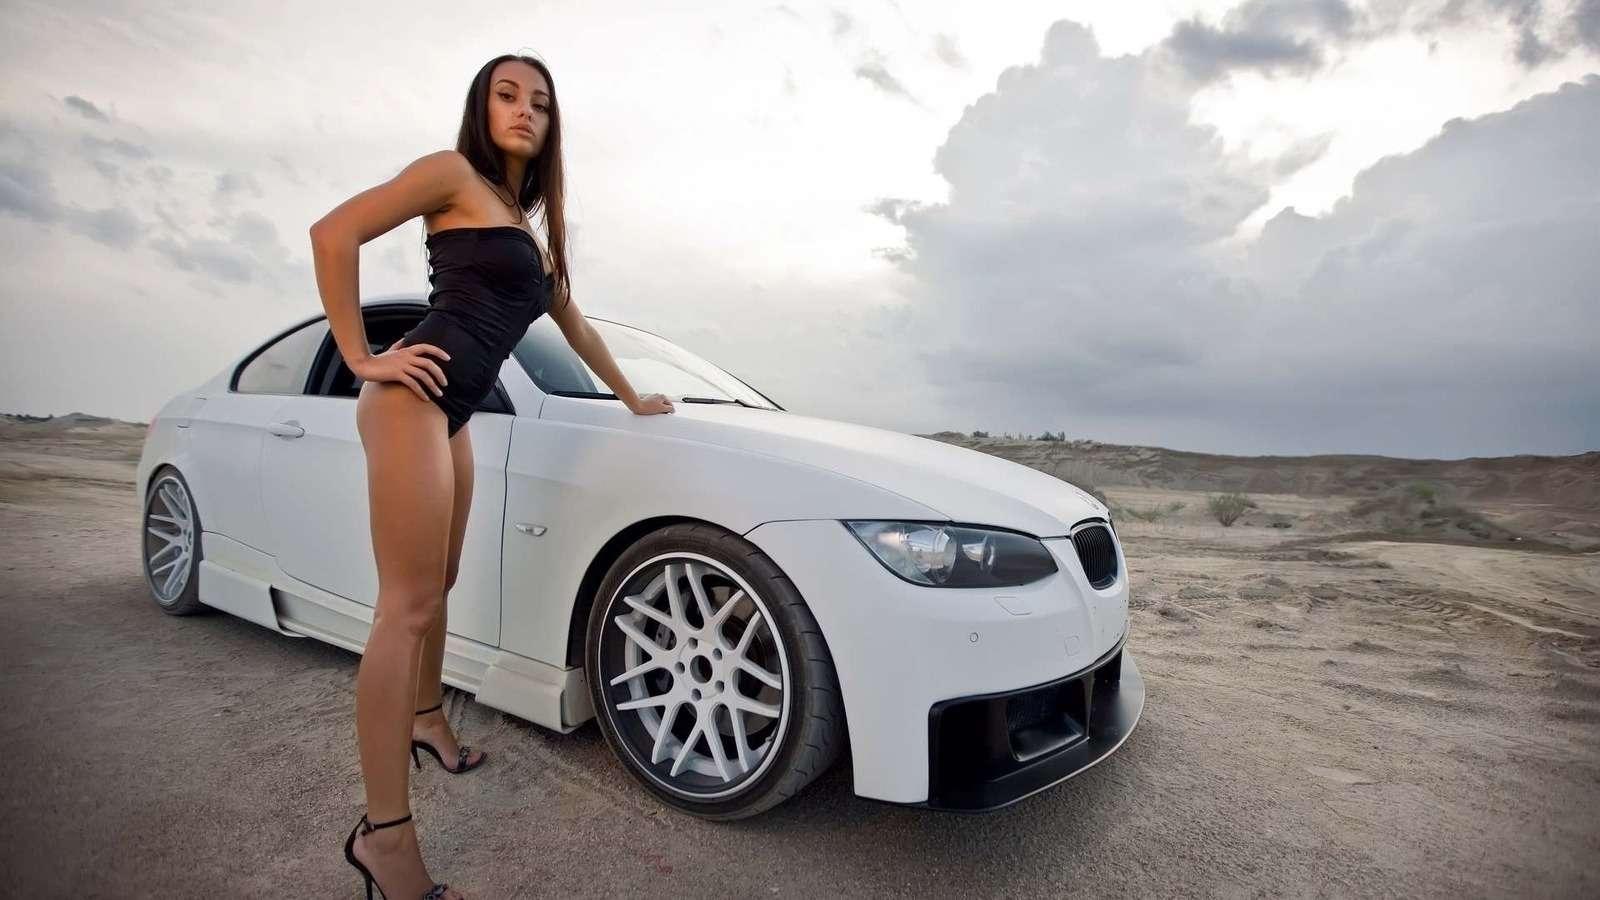 Сексуальные девушки и автомобили (часть 29)